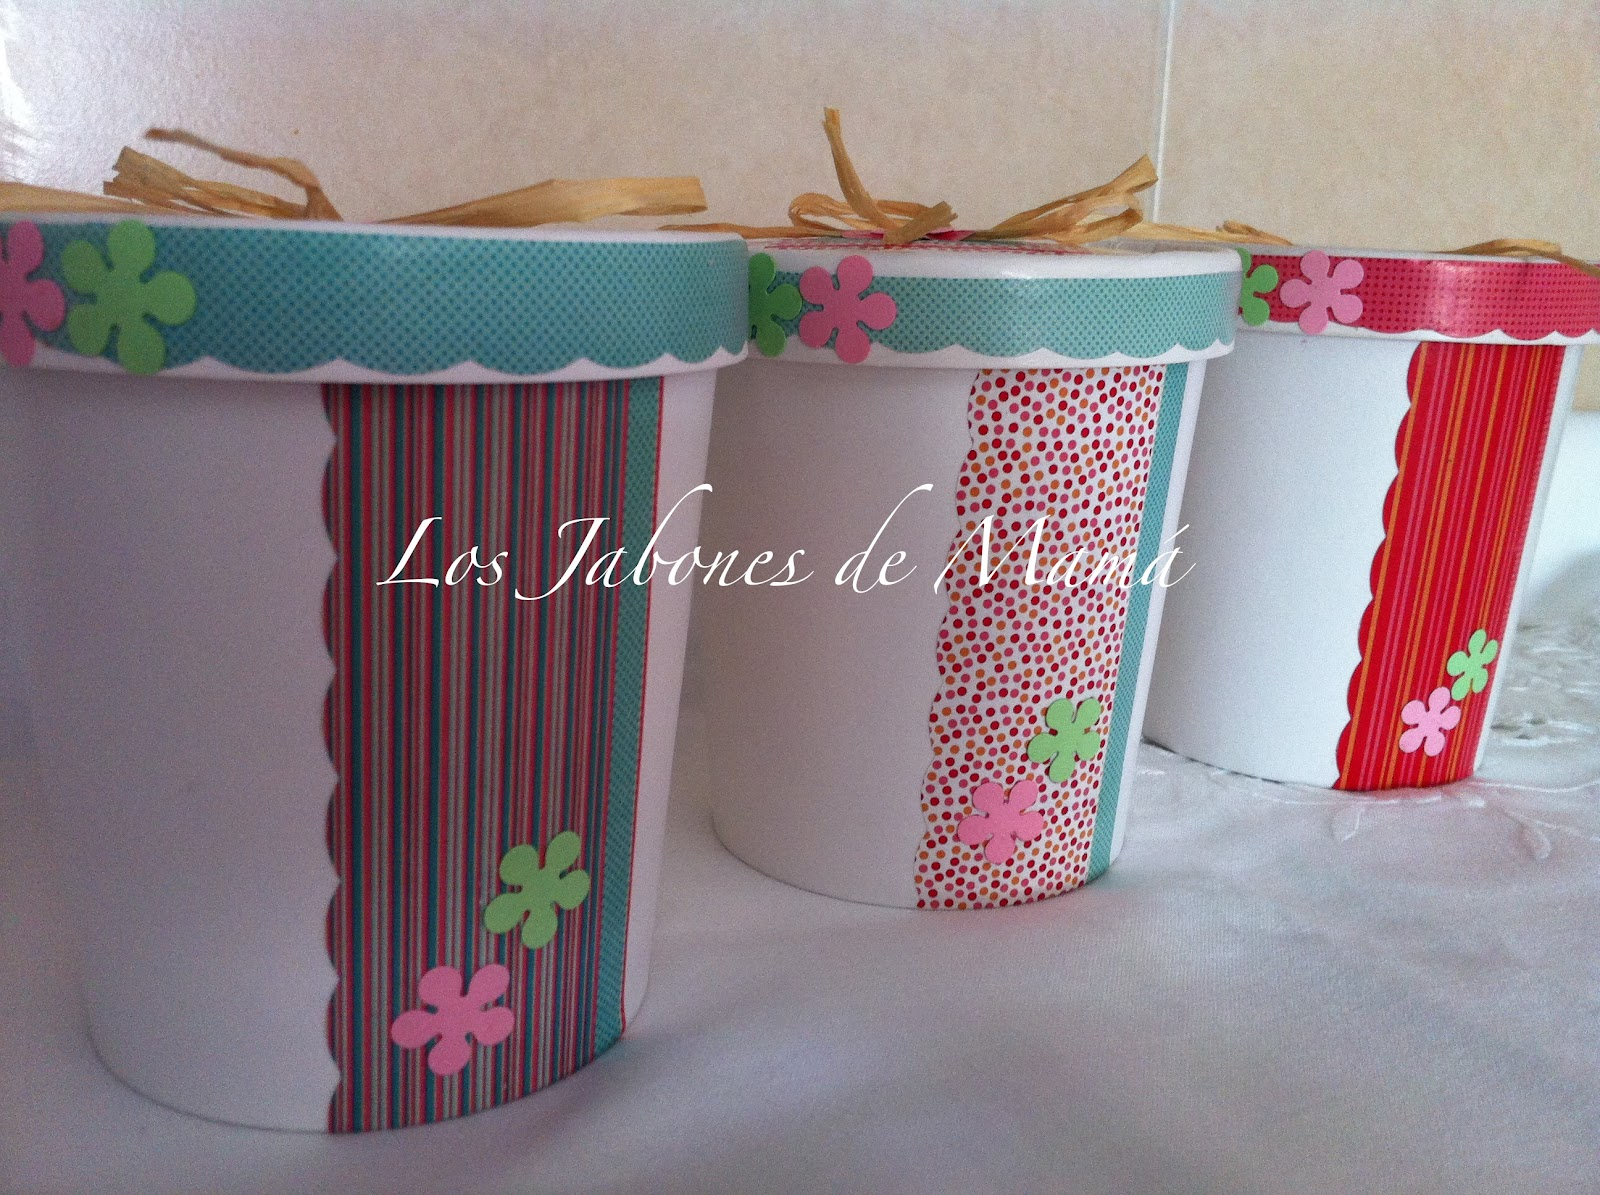 Los jabones de mam detalles de boda cupcake en bote - Detalles de decoracion ...